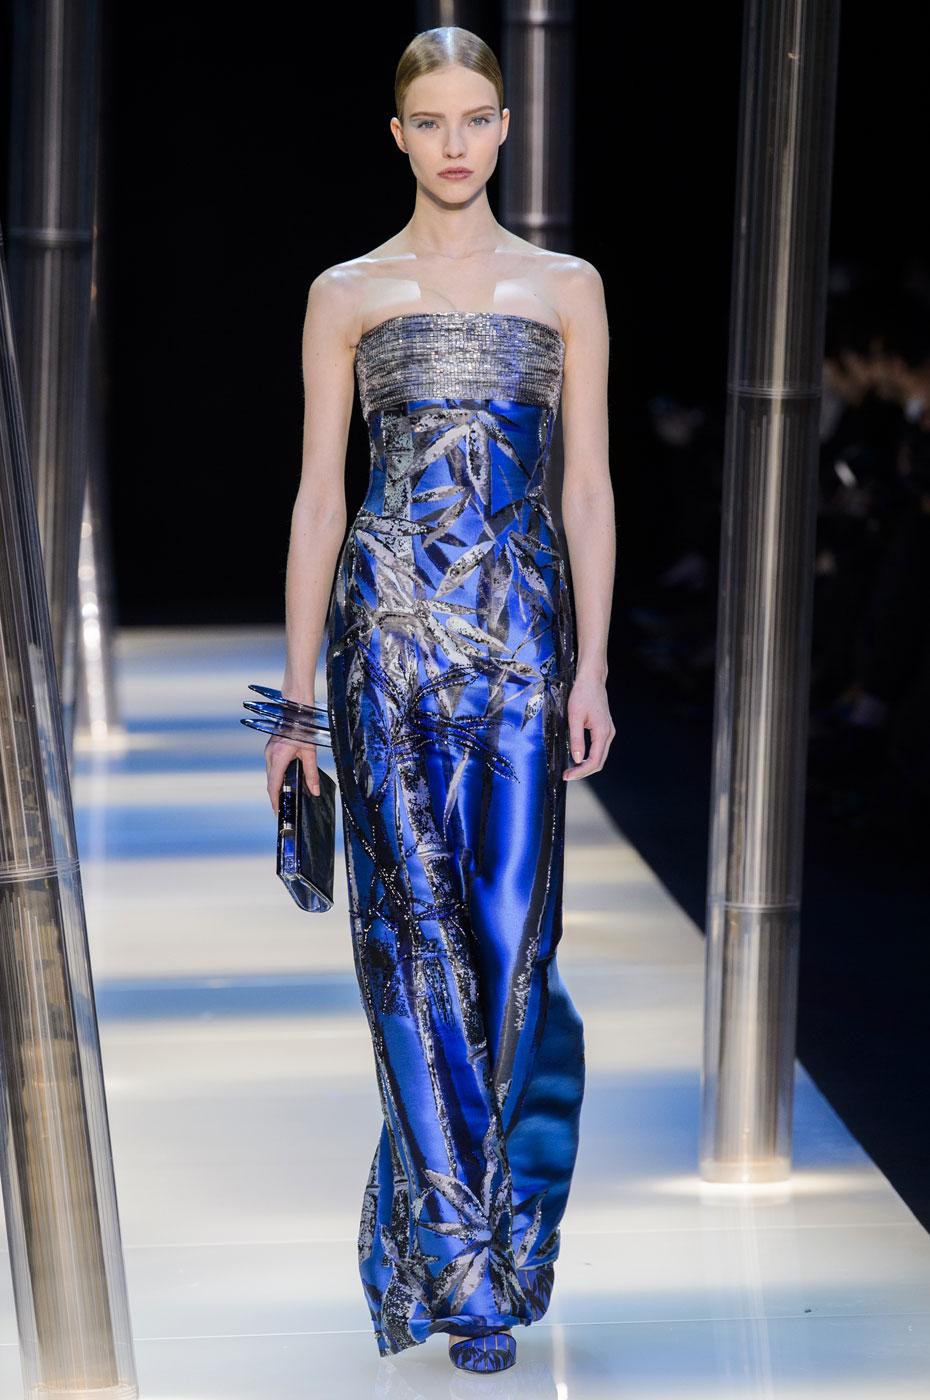 Giorgio-armani-Prive-fashion-runway-show-haute-couture-paris-spring-2015-the-impression-137